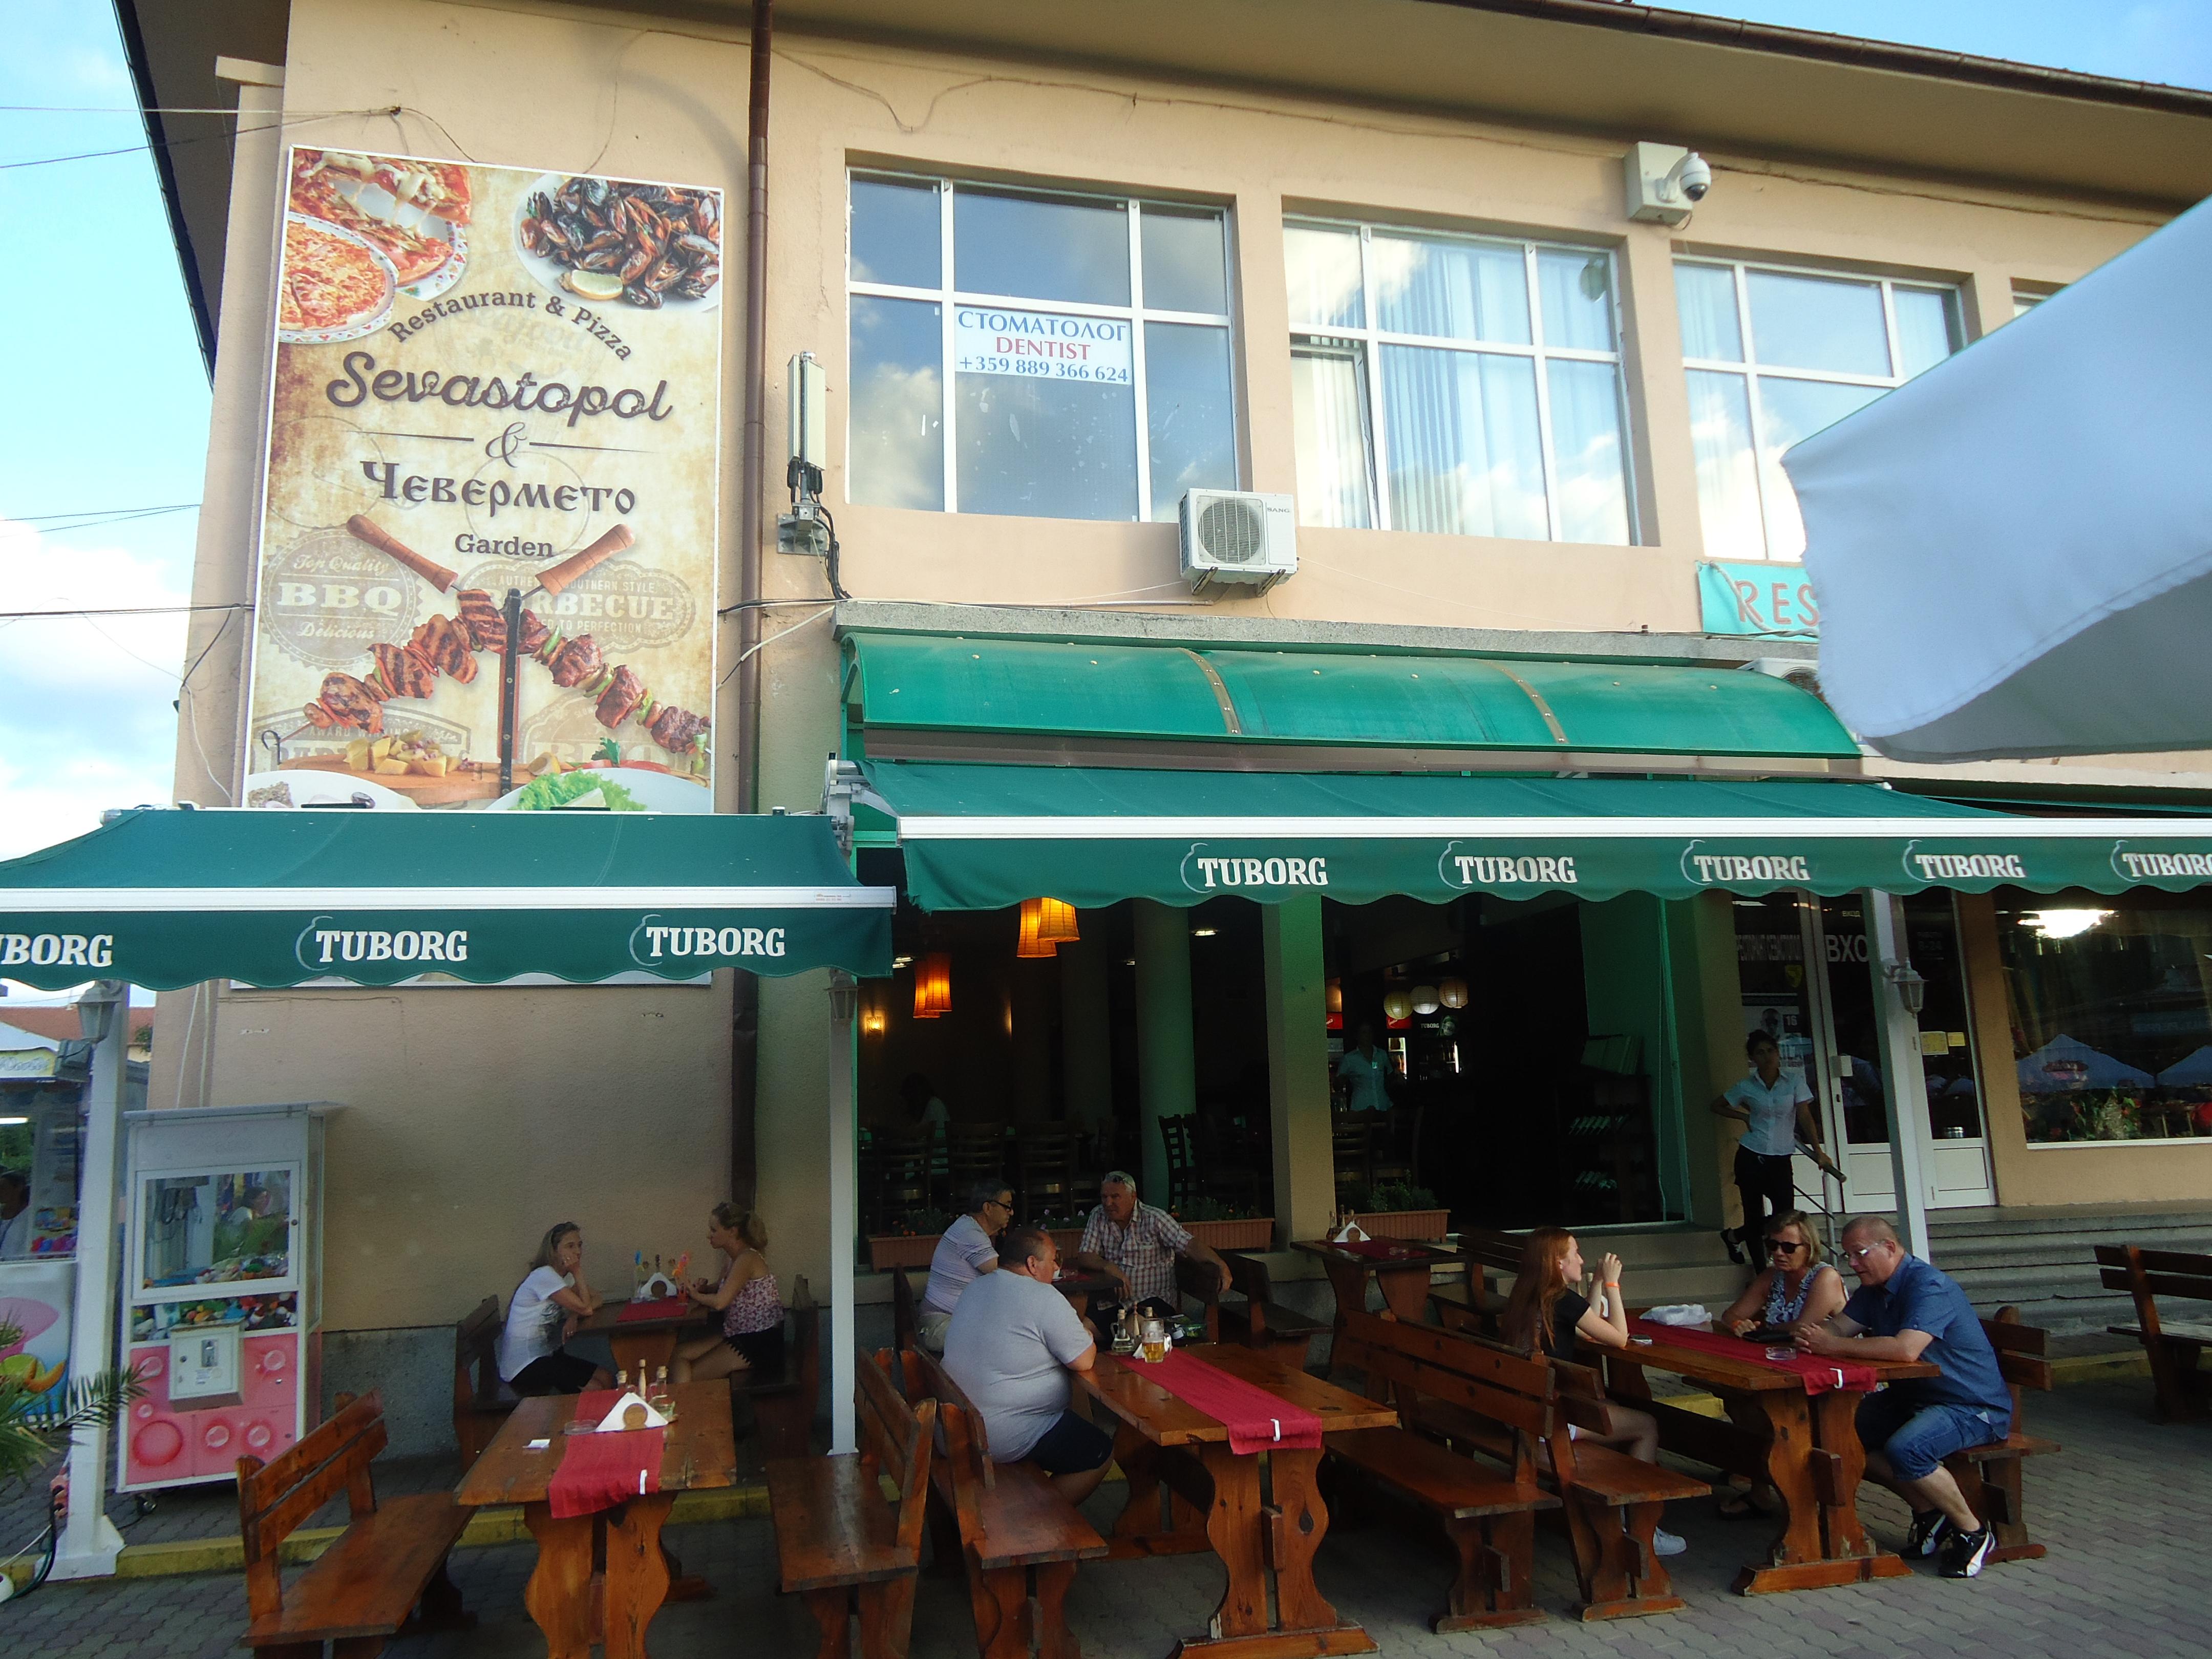 Ресторант Пицария Севастопол Обзор